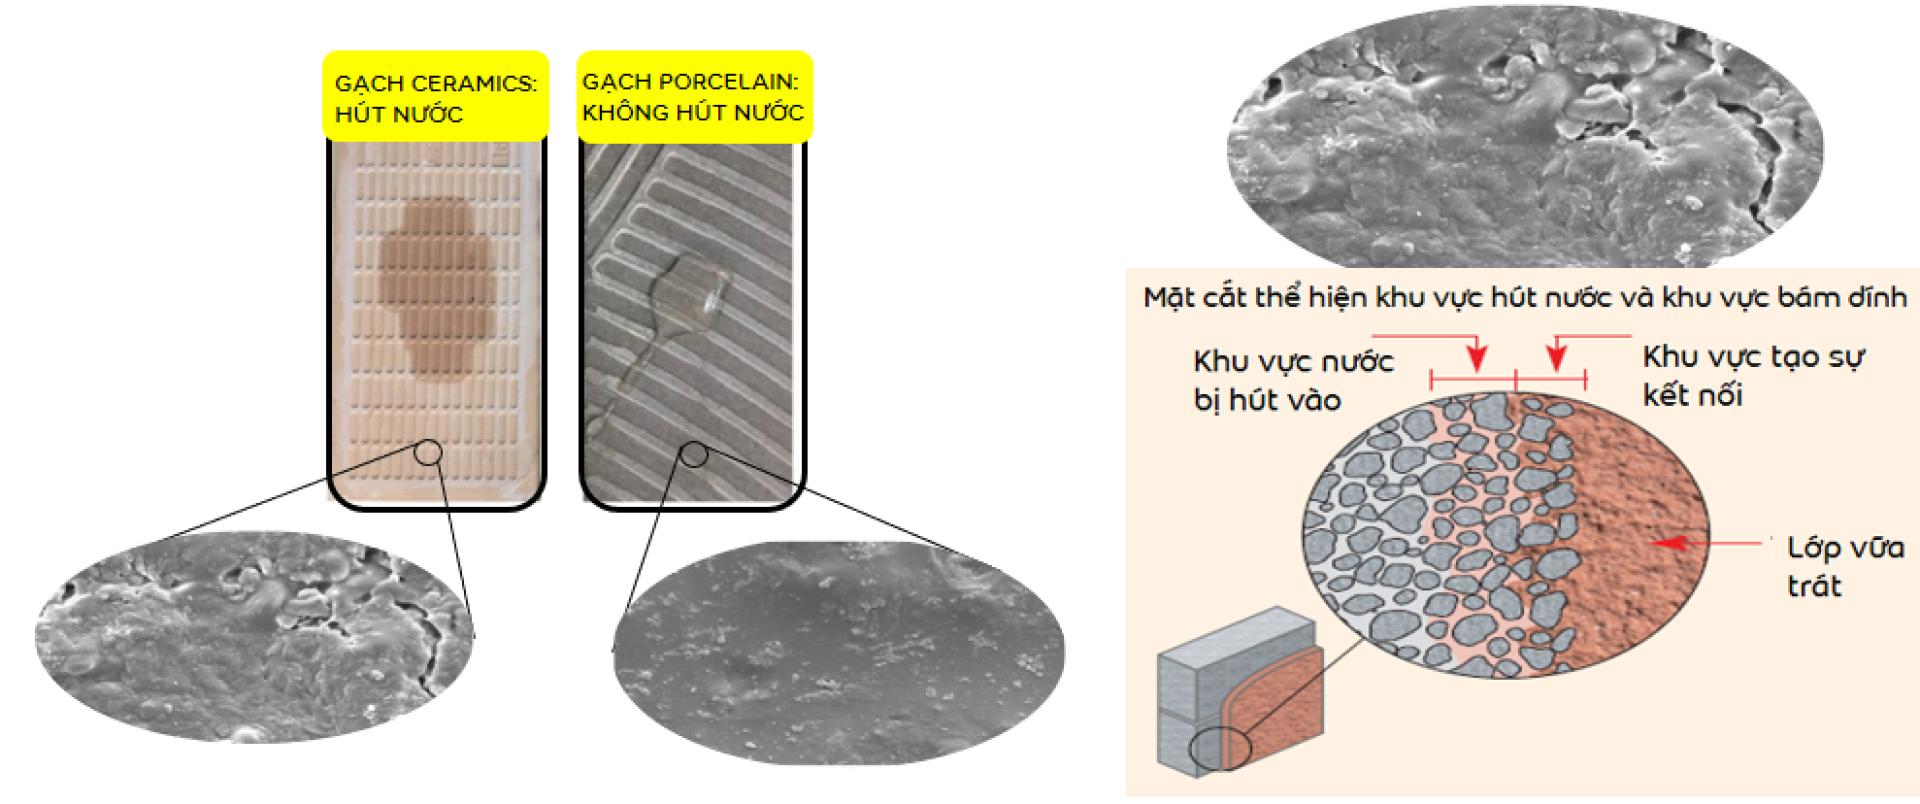 kỹ thuật dán gạch tường cũ - cơ chế bám dính